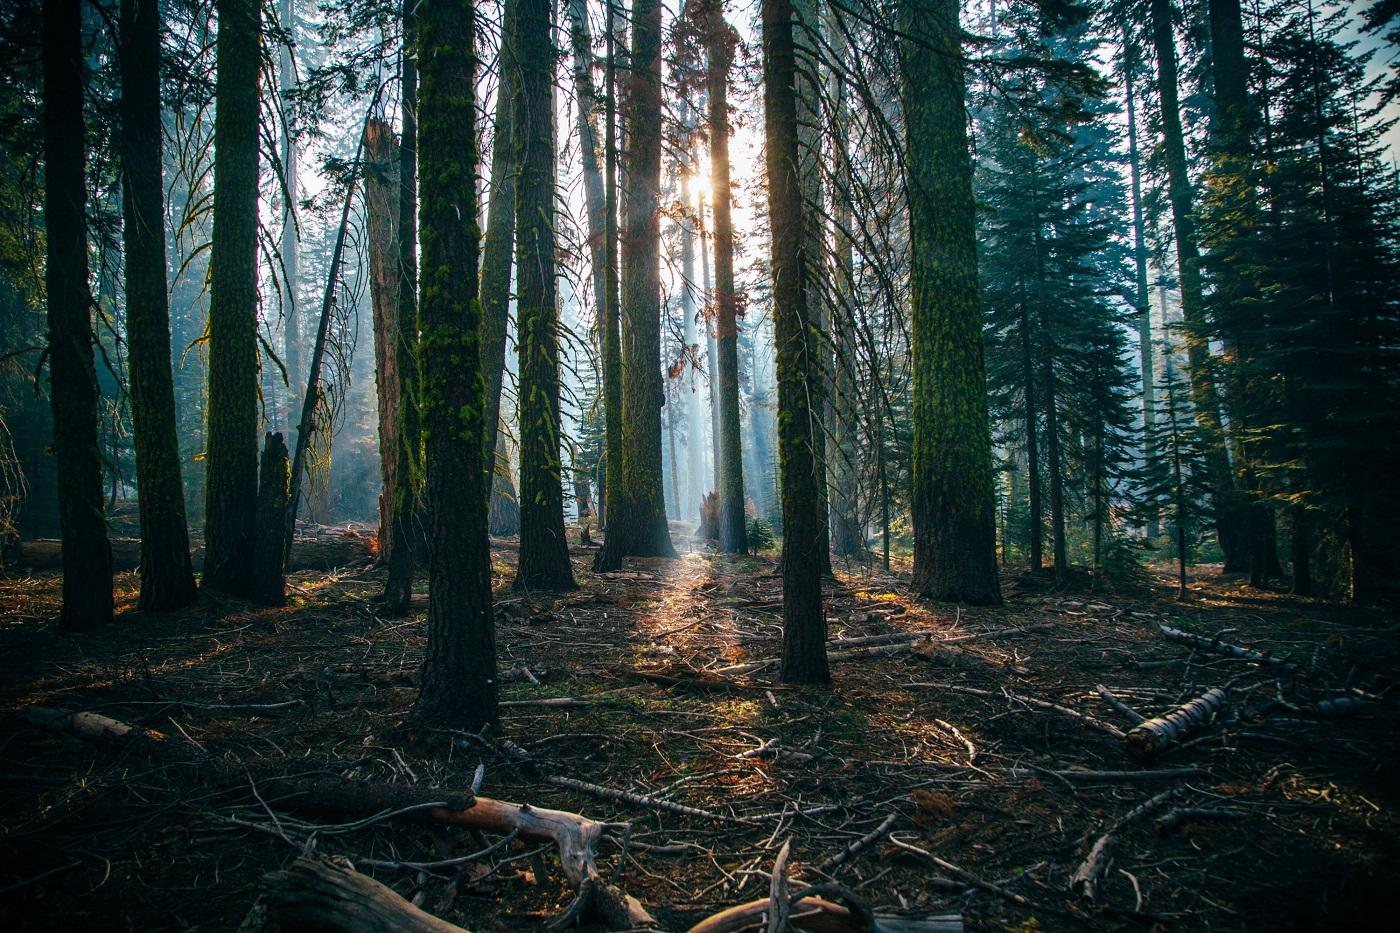 Wald Lichteinfall Ausflugstipps